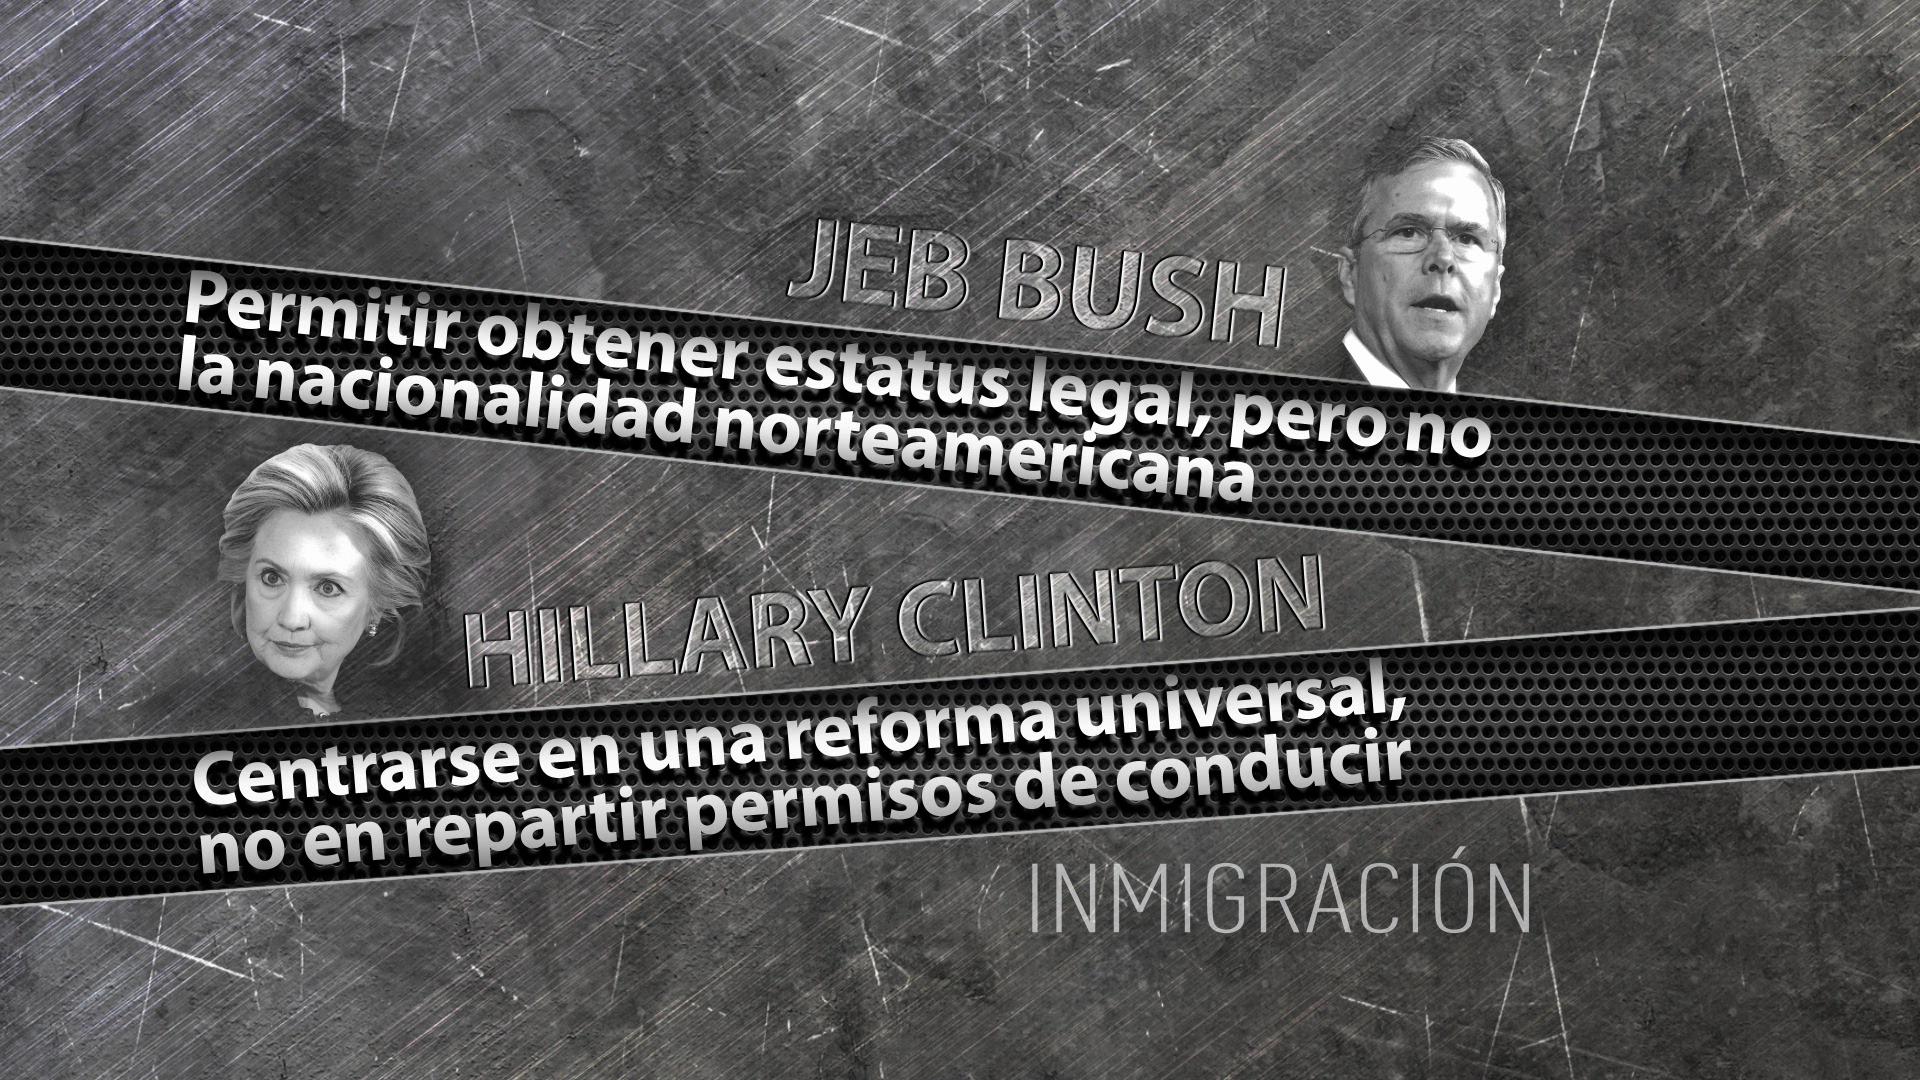 Las posturas de Jeb Bush y Hillary Clinton sobre la inmigración